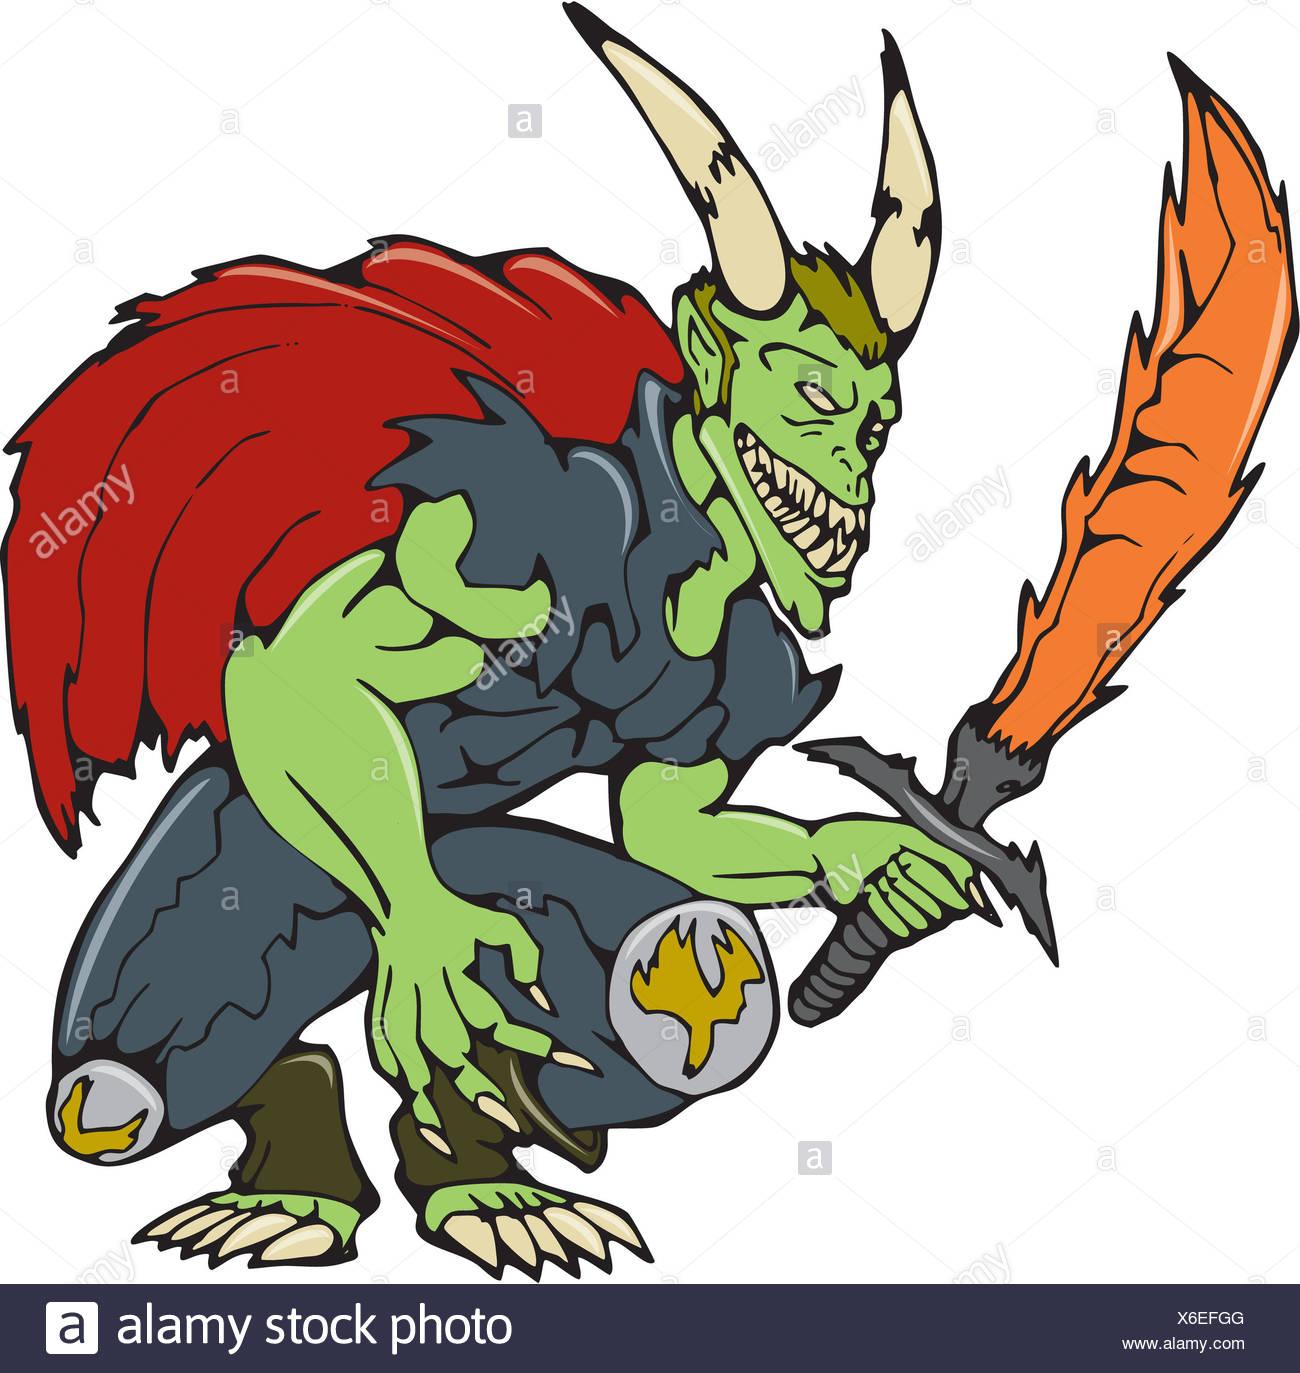 Demon Wield Fiery Sword Cartoon - Stock Image